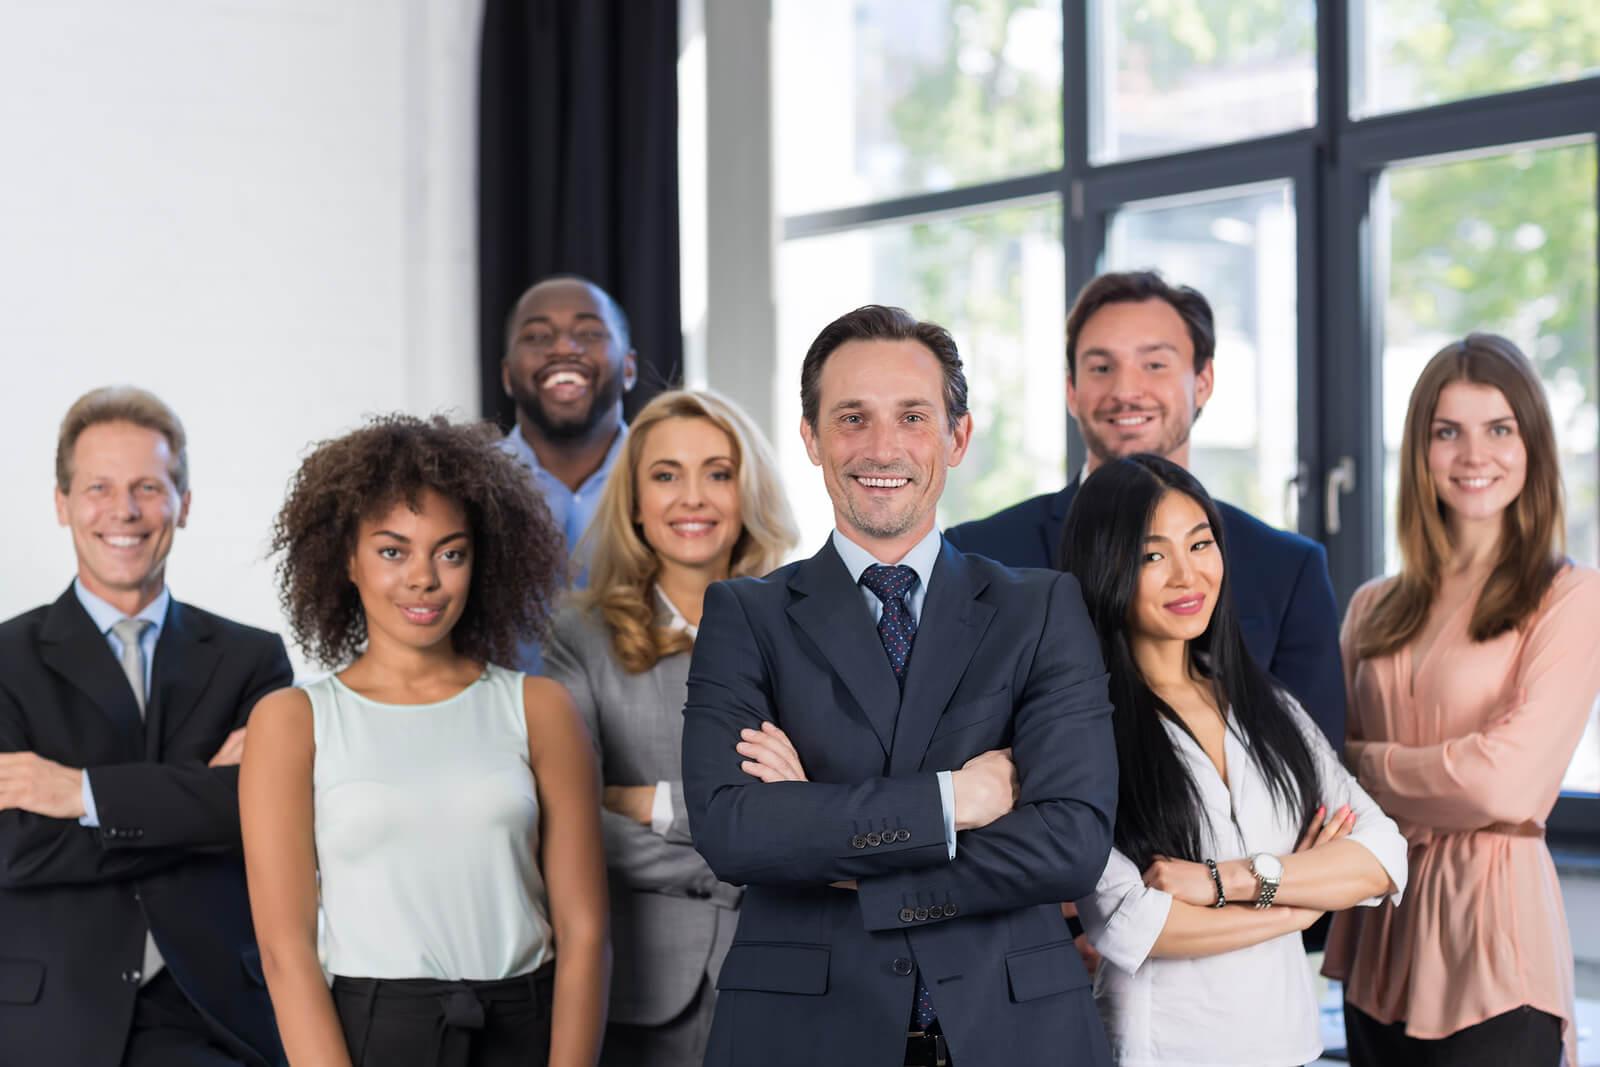 La gestión de la diversidad y el liderazgo: ¿cómo se relacionan?